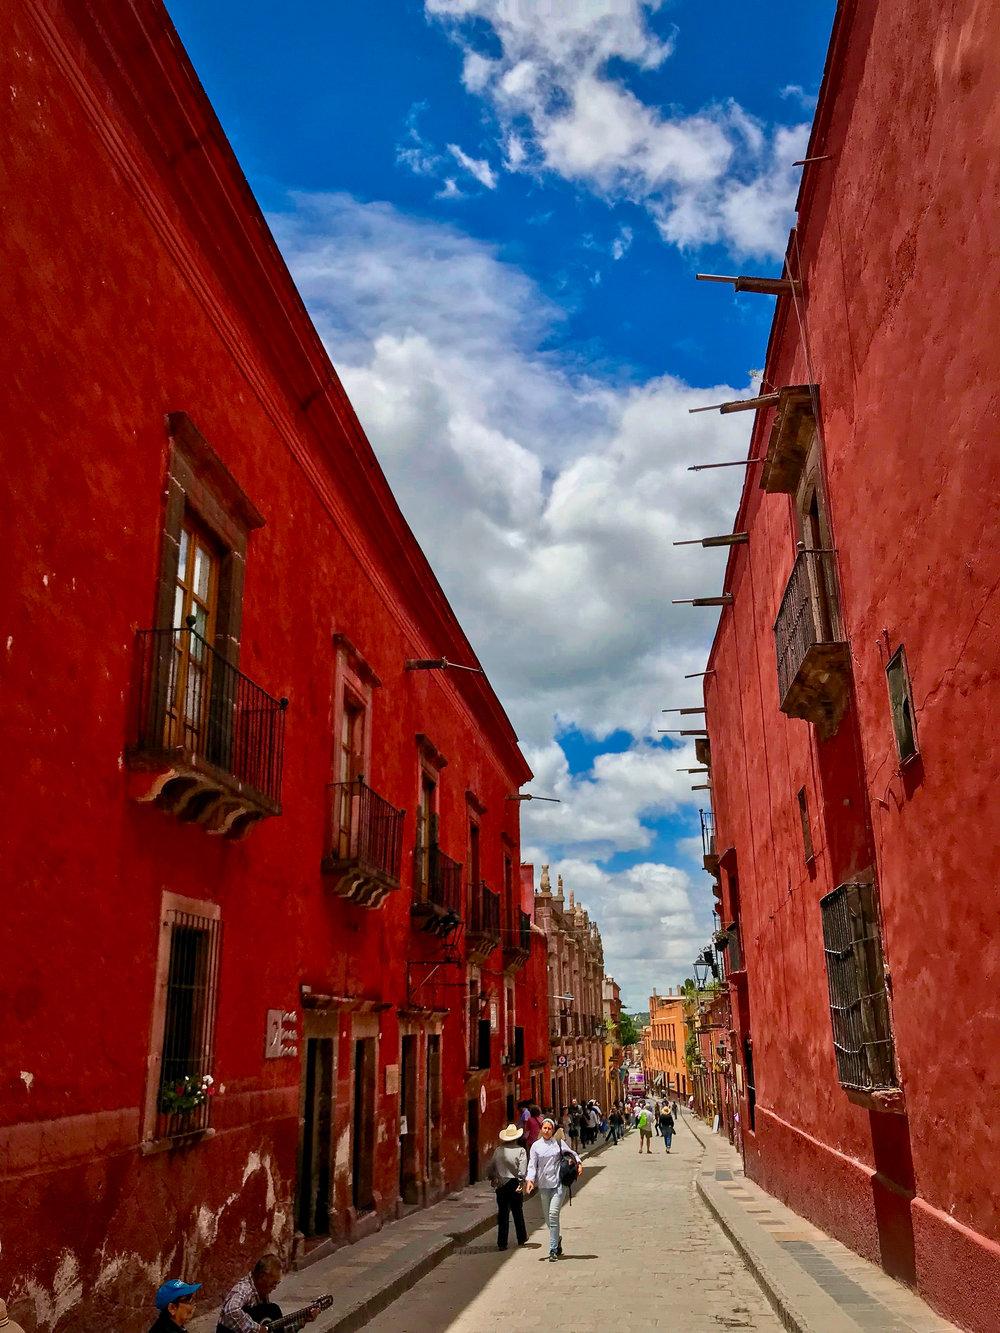 The streets of San Miguel De Allende, Guanajuato, Mexico